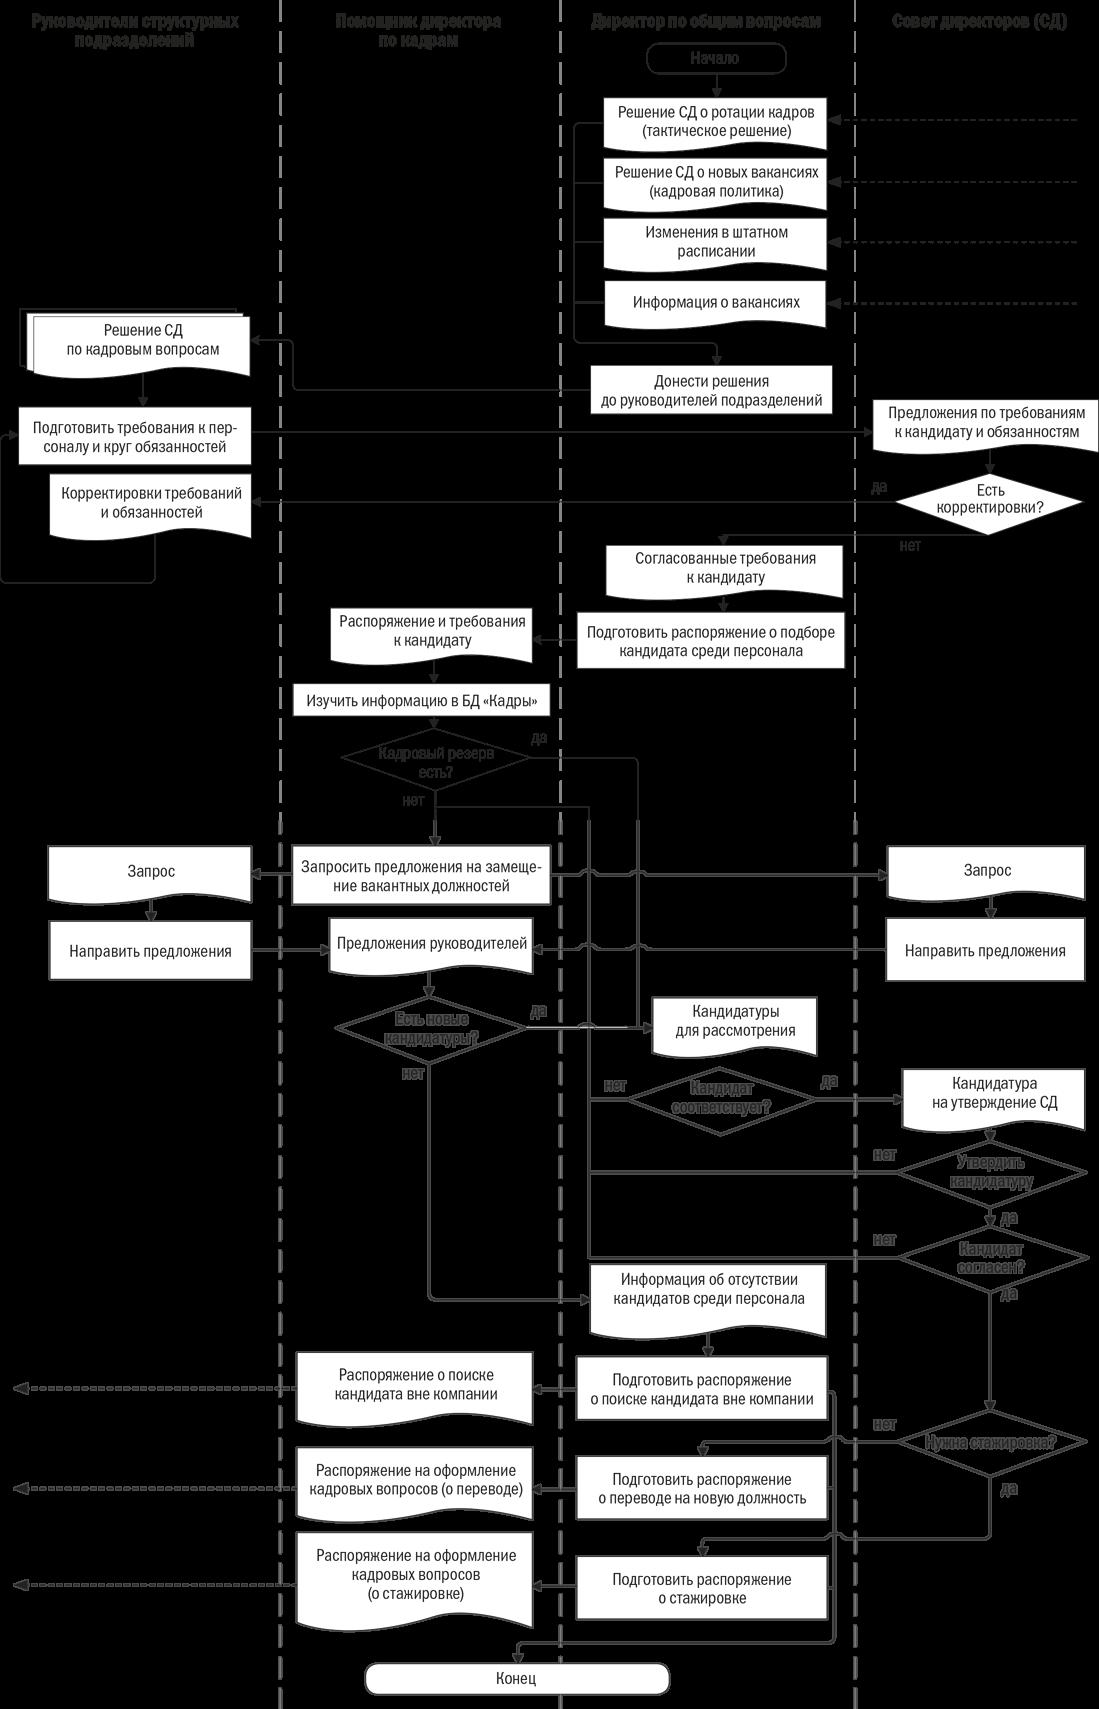 блок схема содержащая процедуру